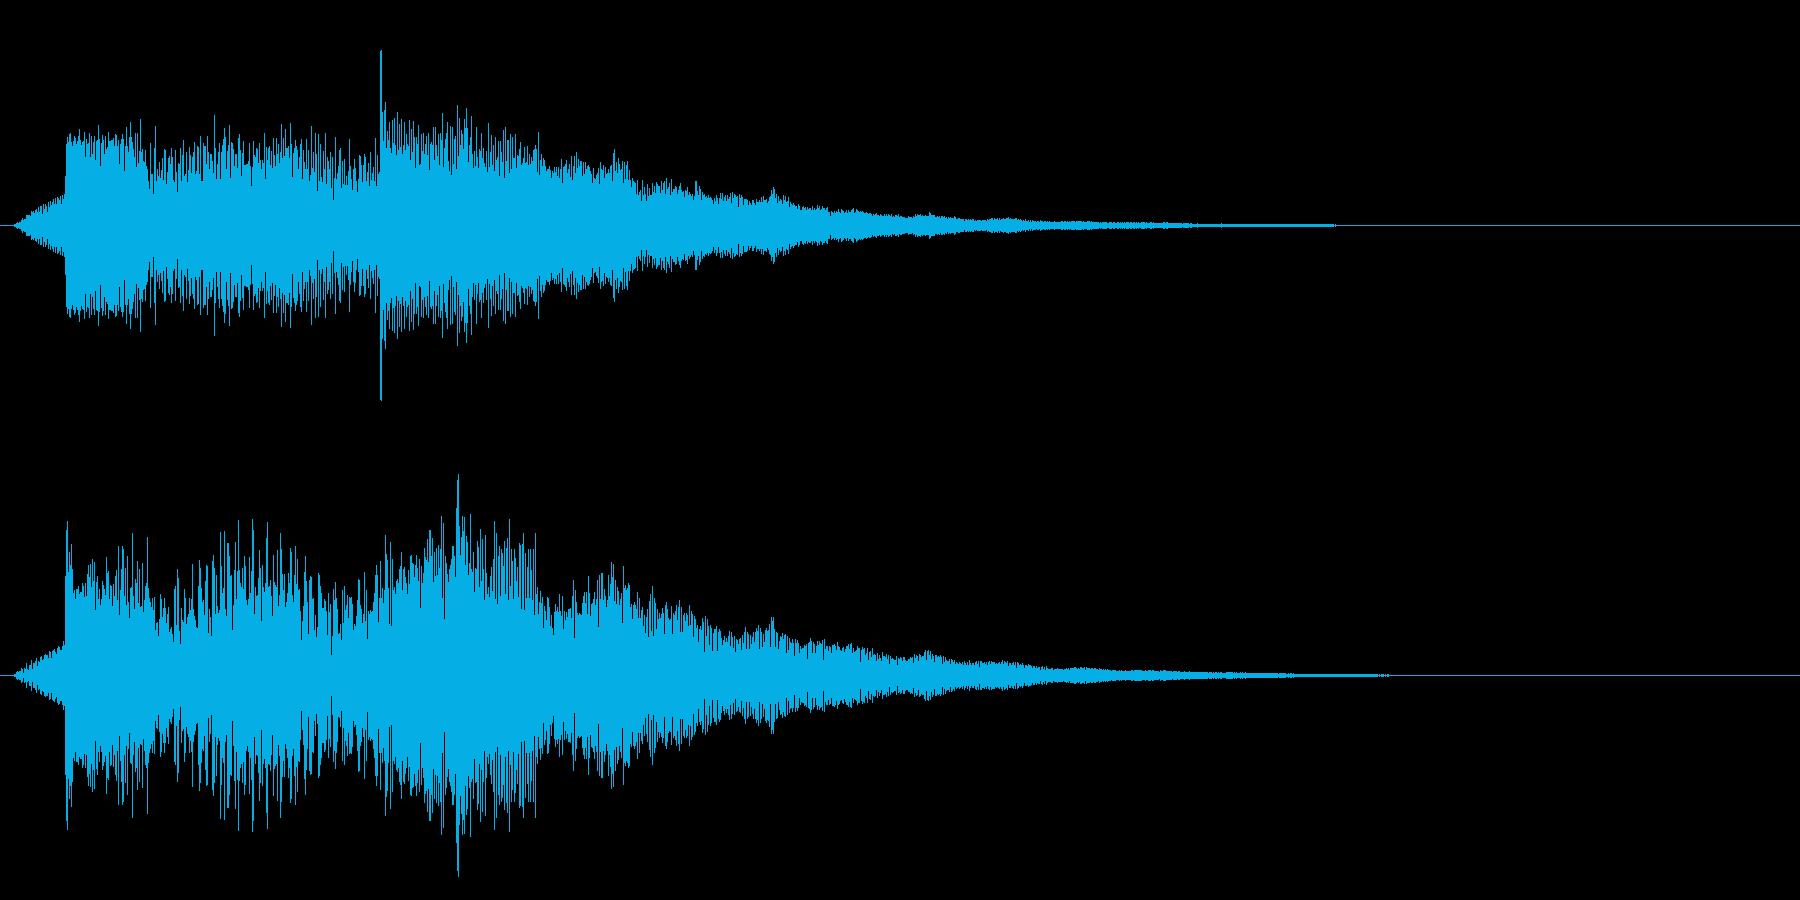 ズンチャンチャンシャララ(テクノロジー)の再生済みの波形